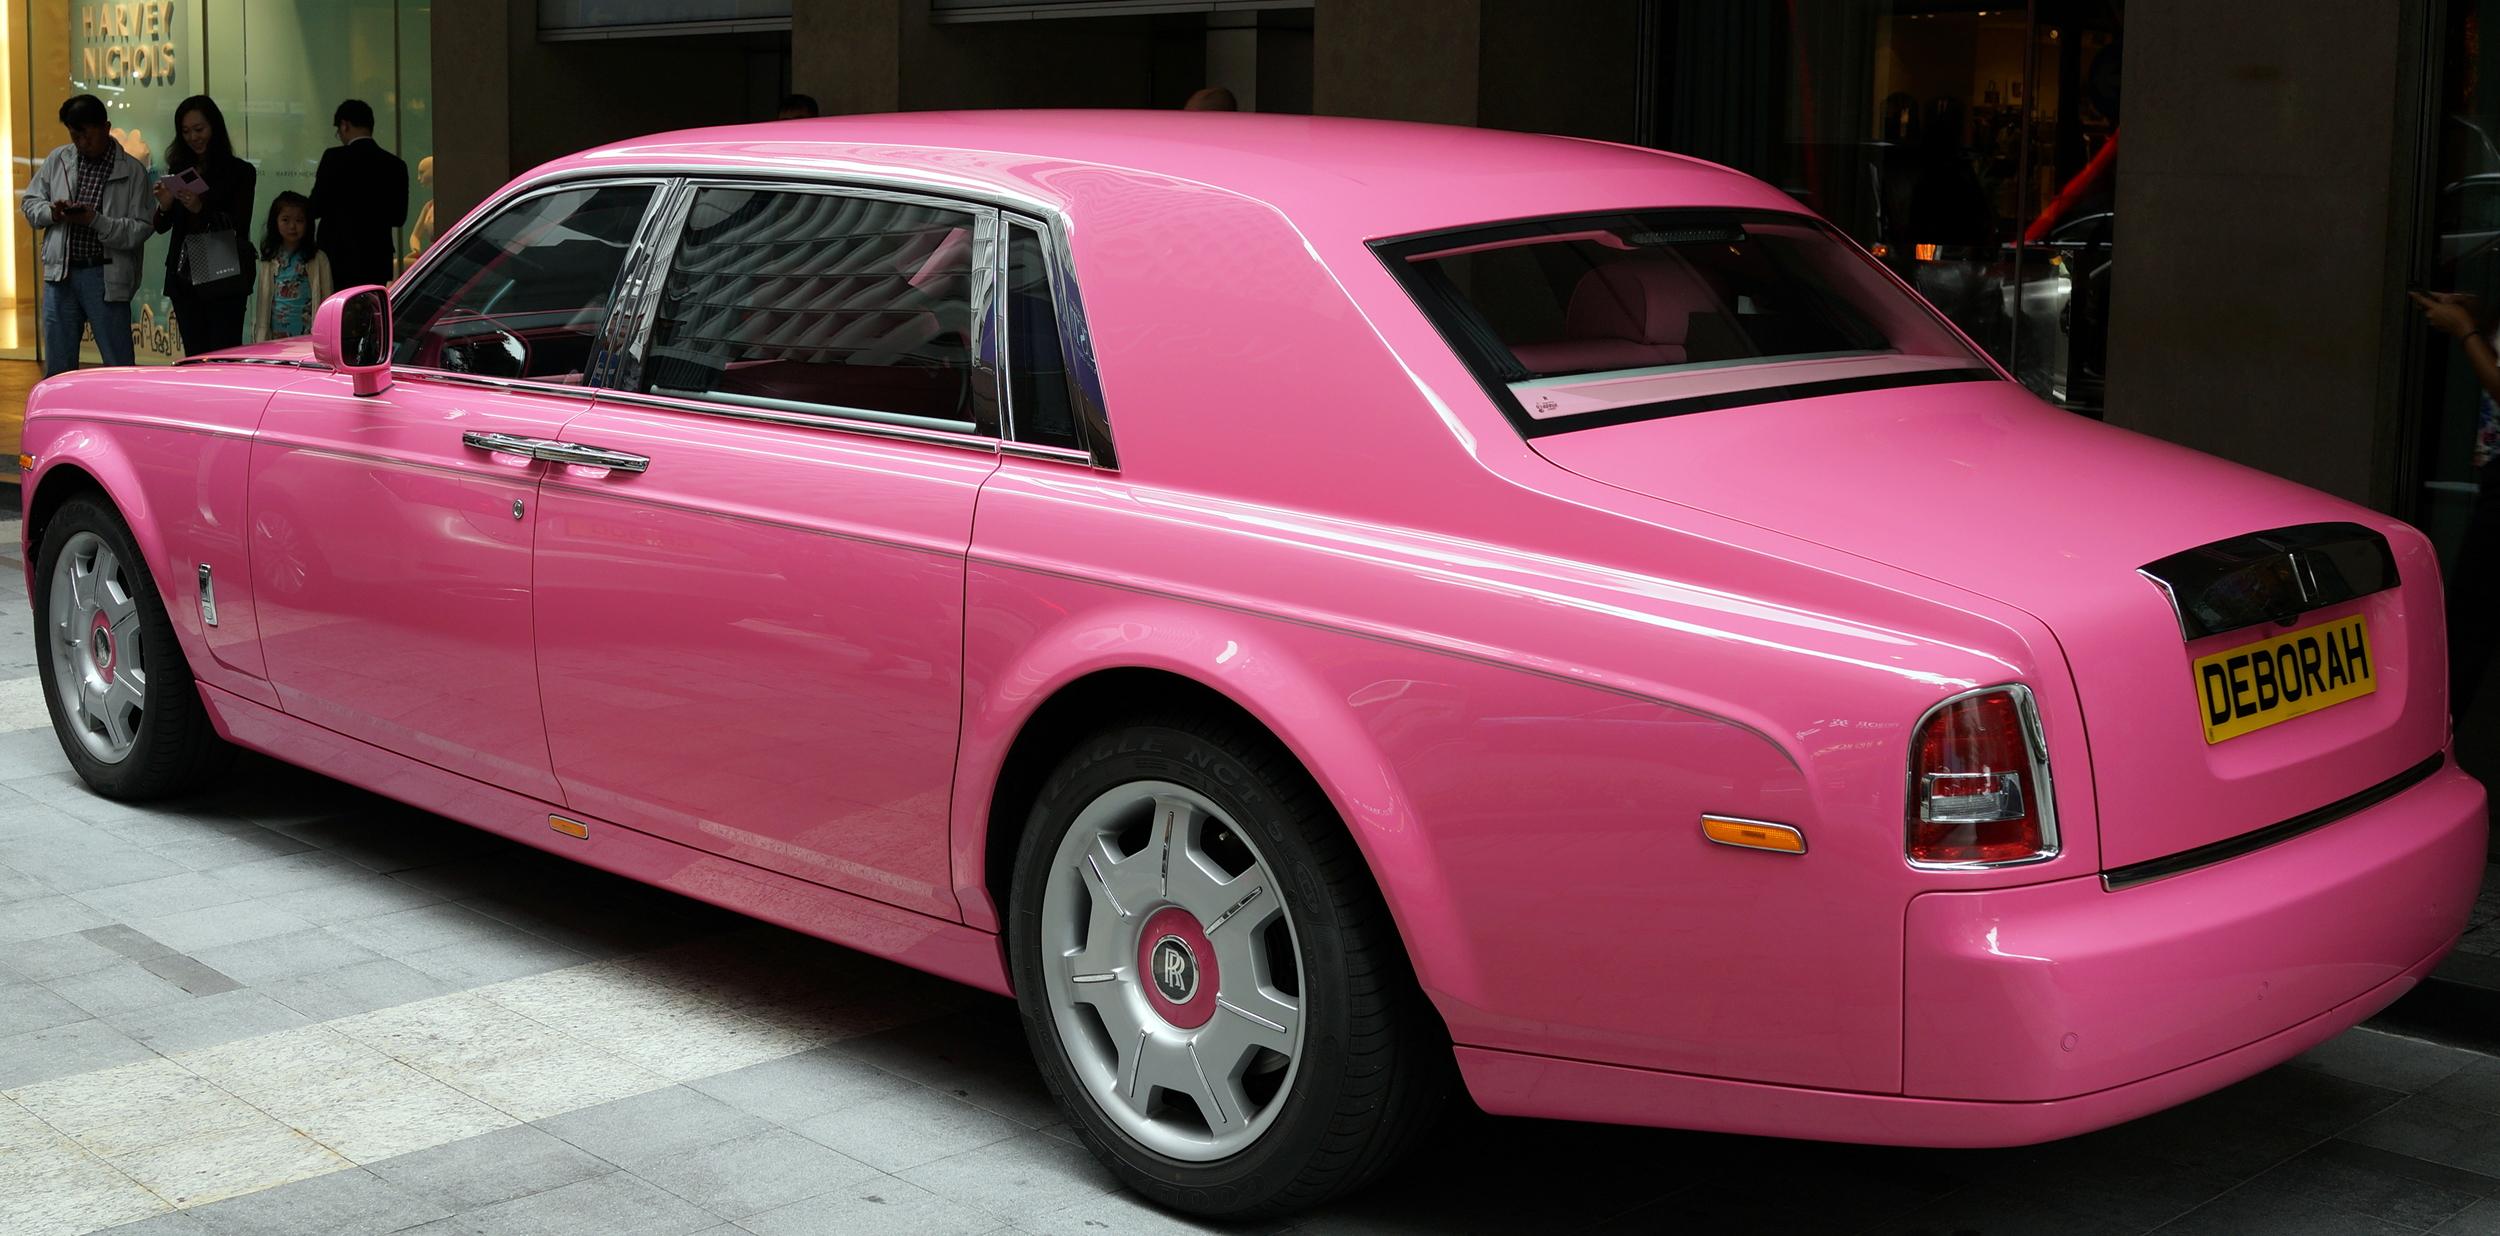 Deborah's Pink Rolls Royce Phantom from the side